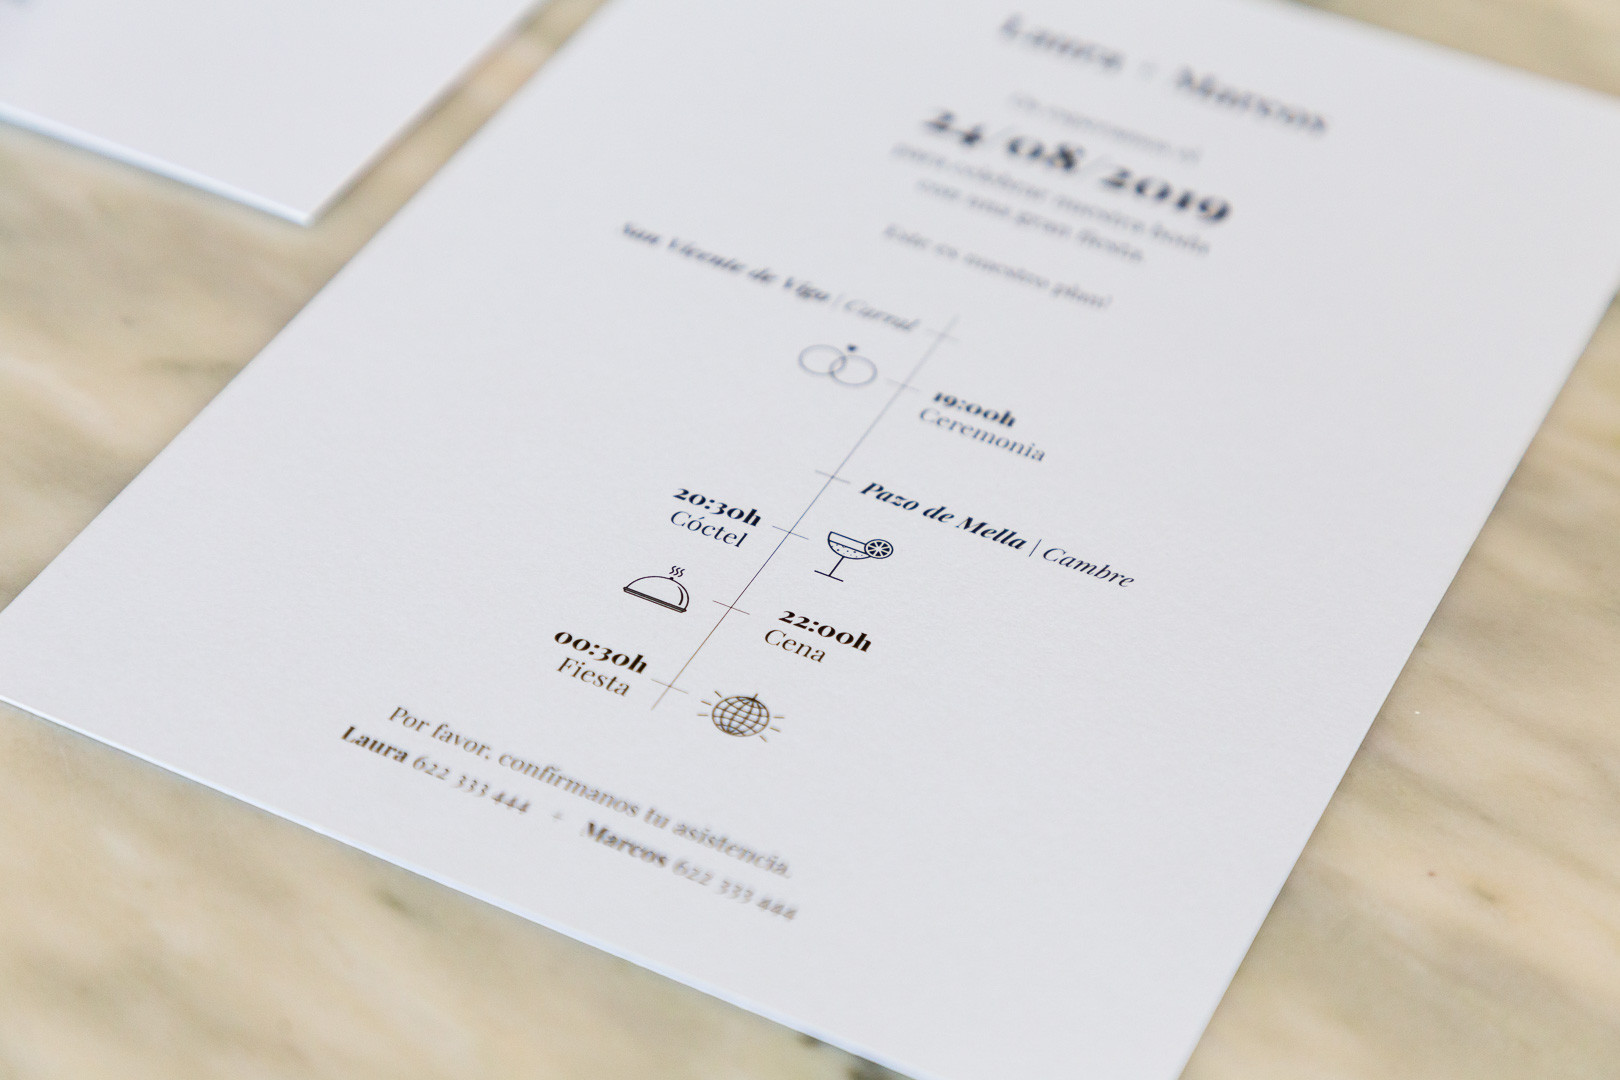 invitaciones de boda, invitacións de voda, invitación minimalista, invitación elegante, estudio de invitaciones de boda, invitaciones de boda en Santiago